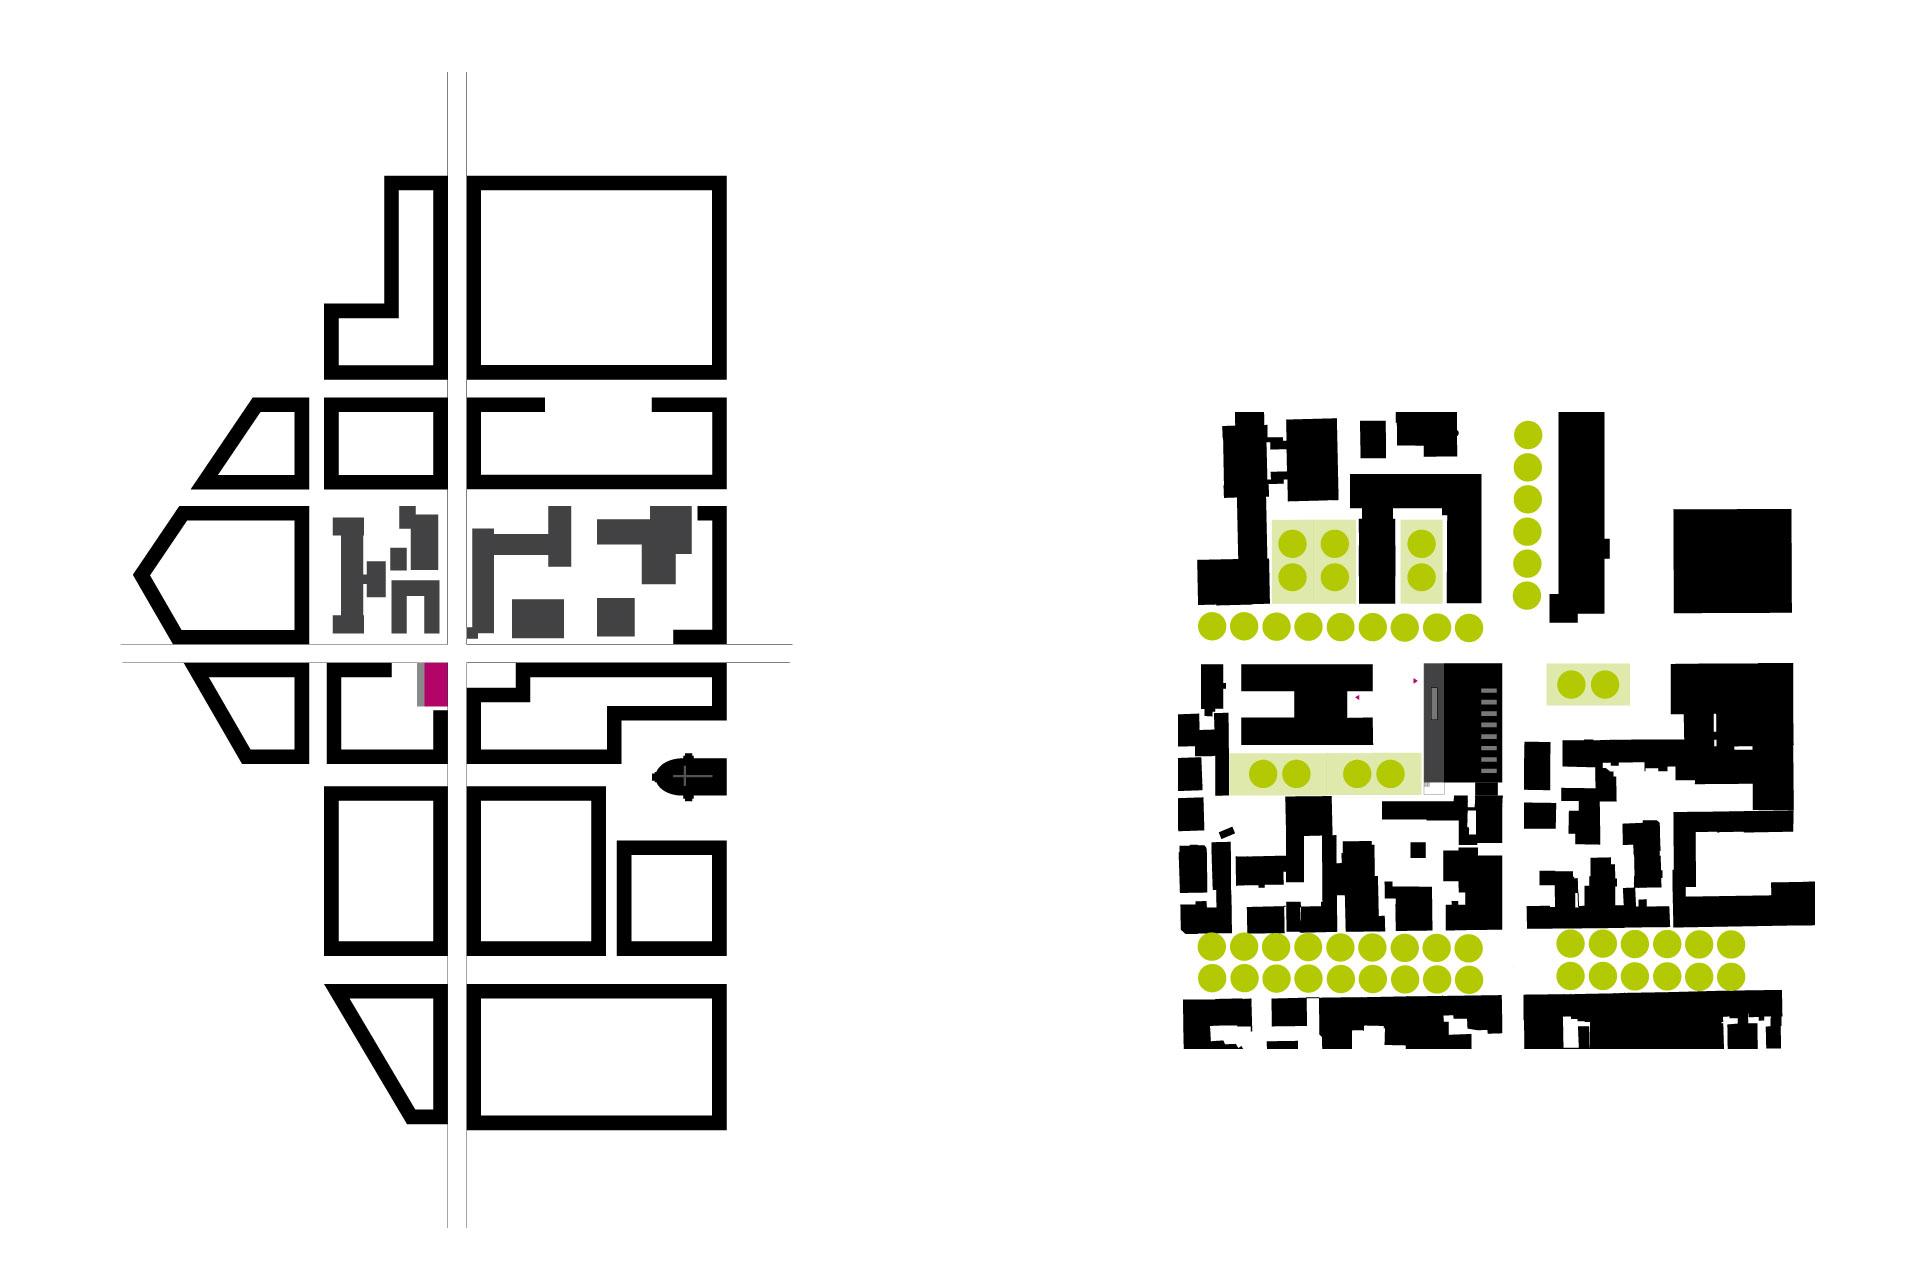 Piktogramm Erschließung Schulbad